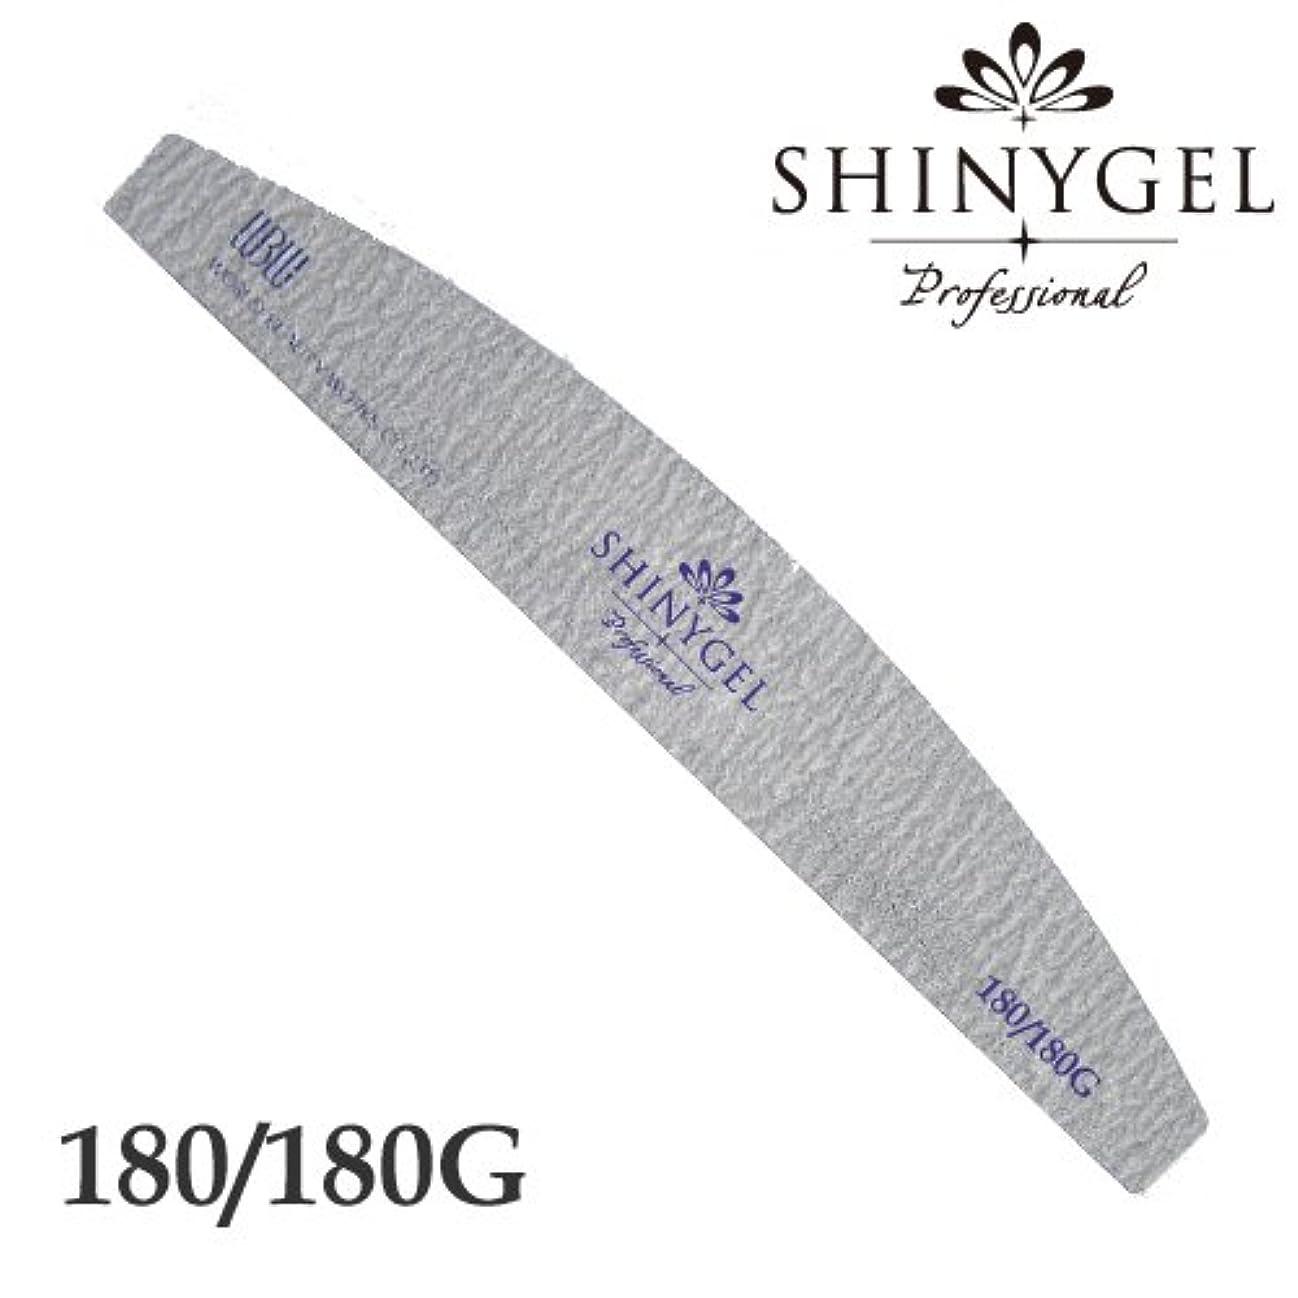 インセンティブ形不変SHINYGEL Professional シャイニージェルプロフェッショナル ゼブラファイル ホワイト(アーチ型) 180/180G ジェルネイル 爪やすり